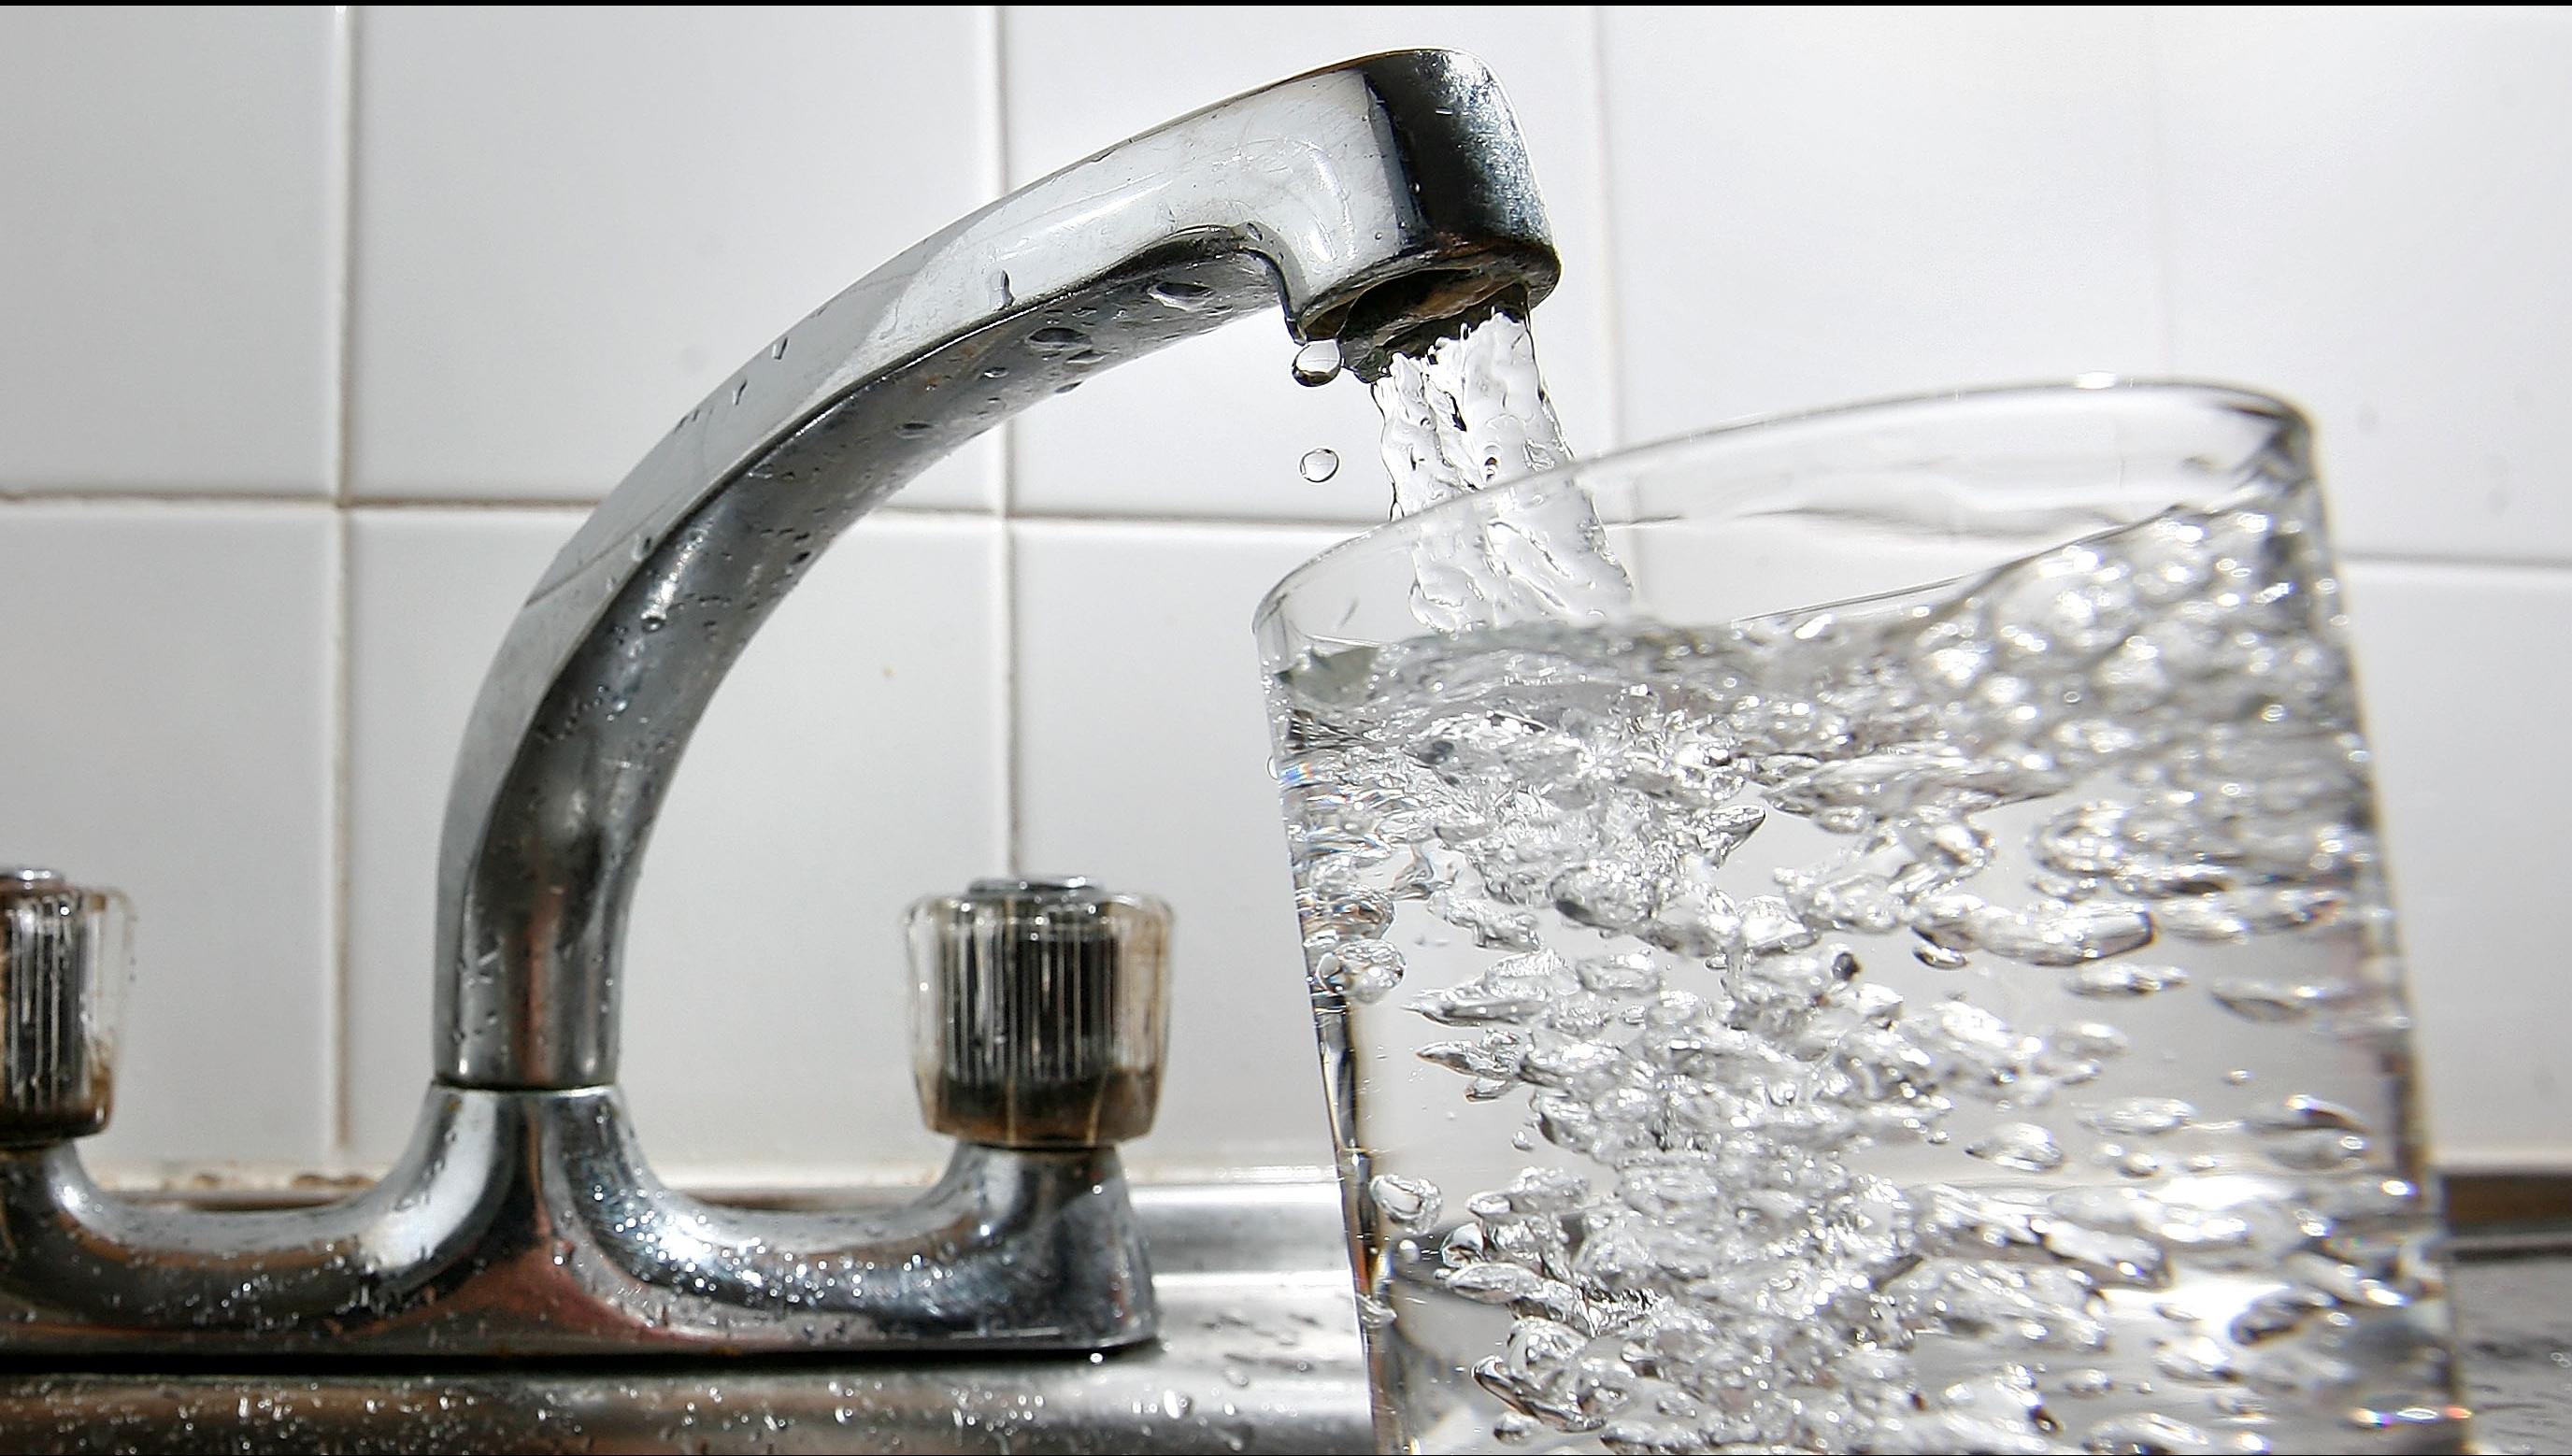 Raed Arafat intervine în scandalul apei potabile din București: Am ținut legătura cu Ministerul Sănătății